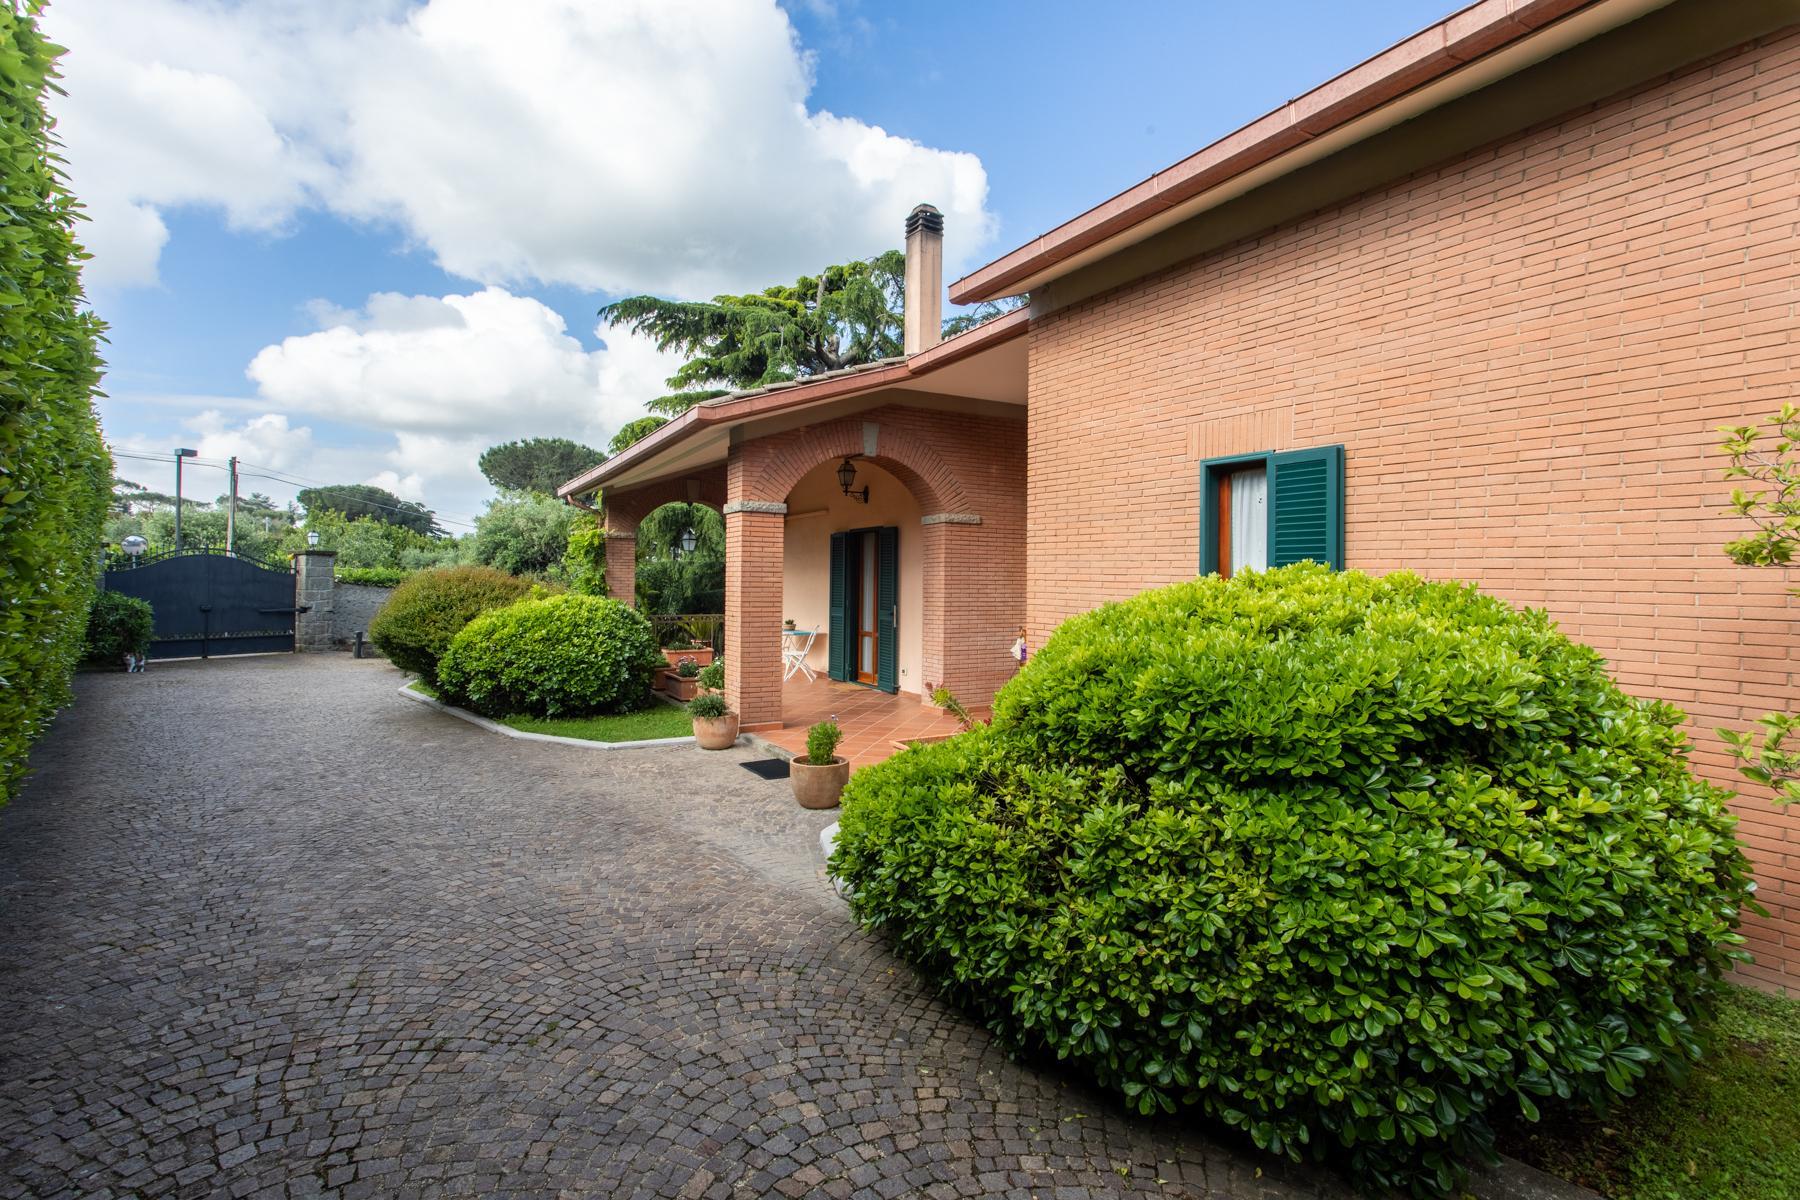 Incantevole Villa nei pressi di Castel Gandolfo - 4